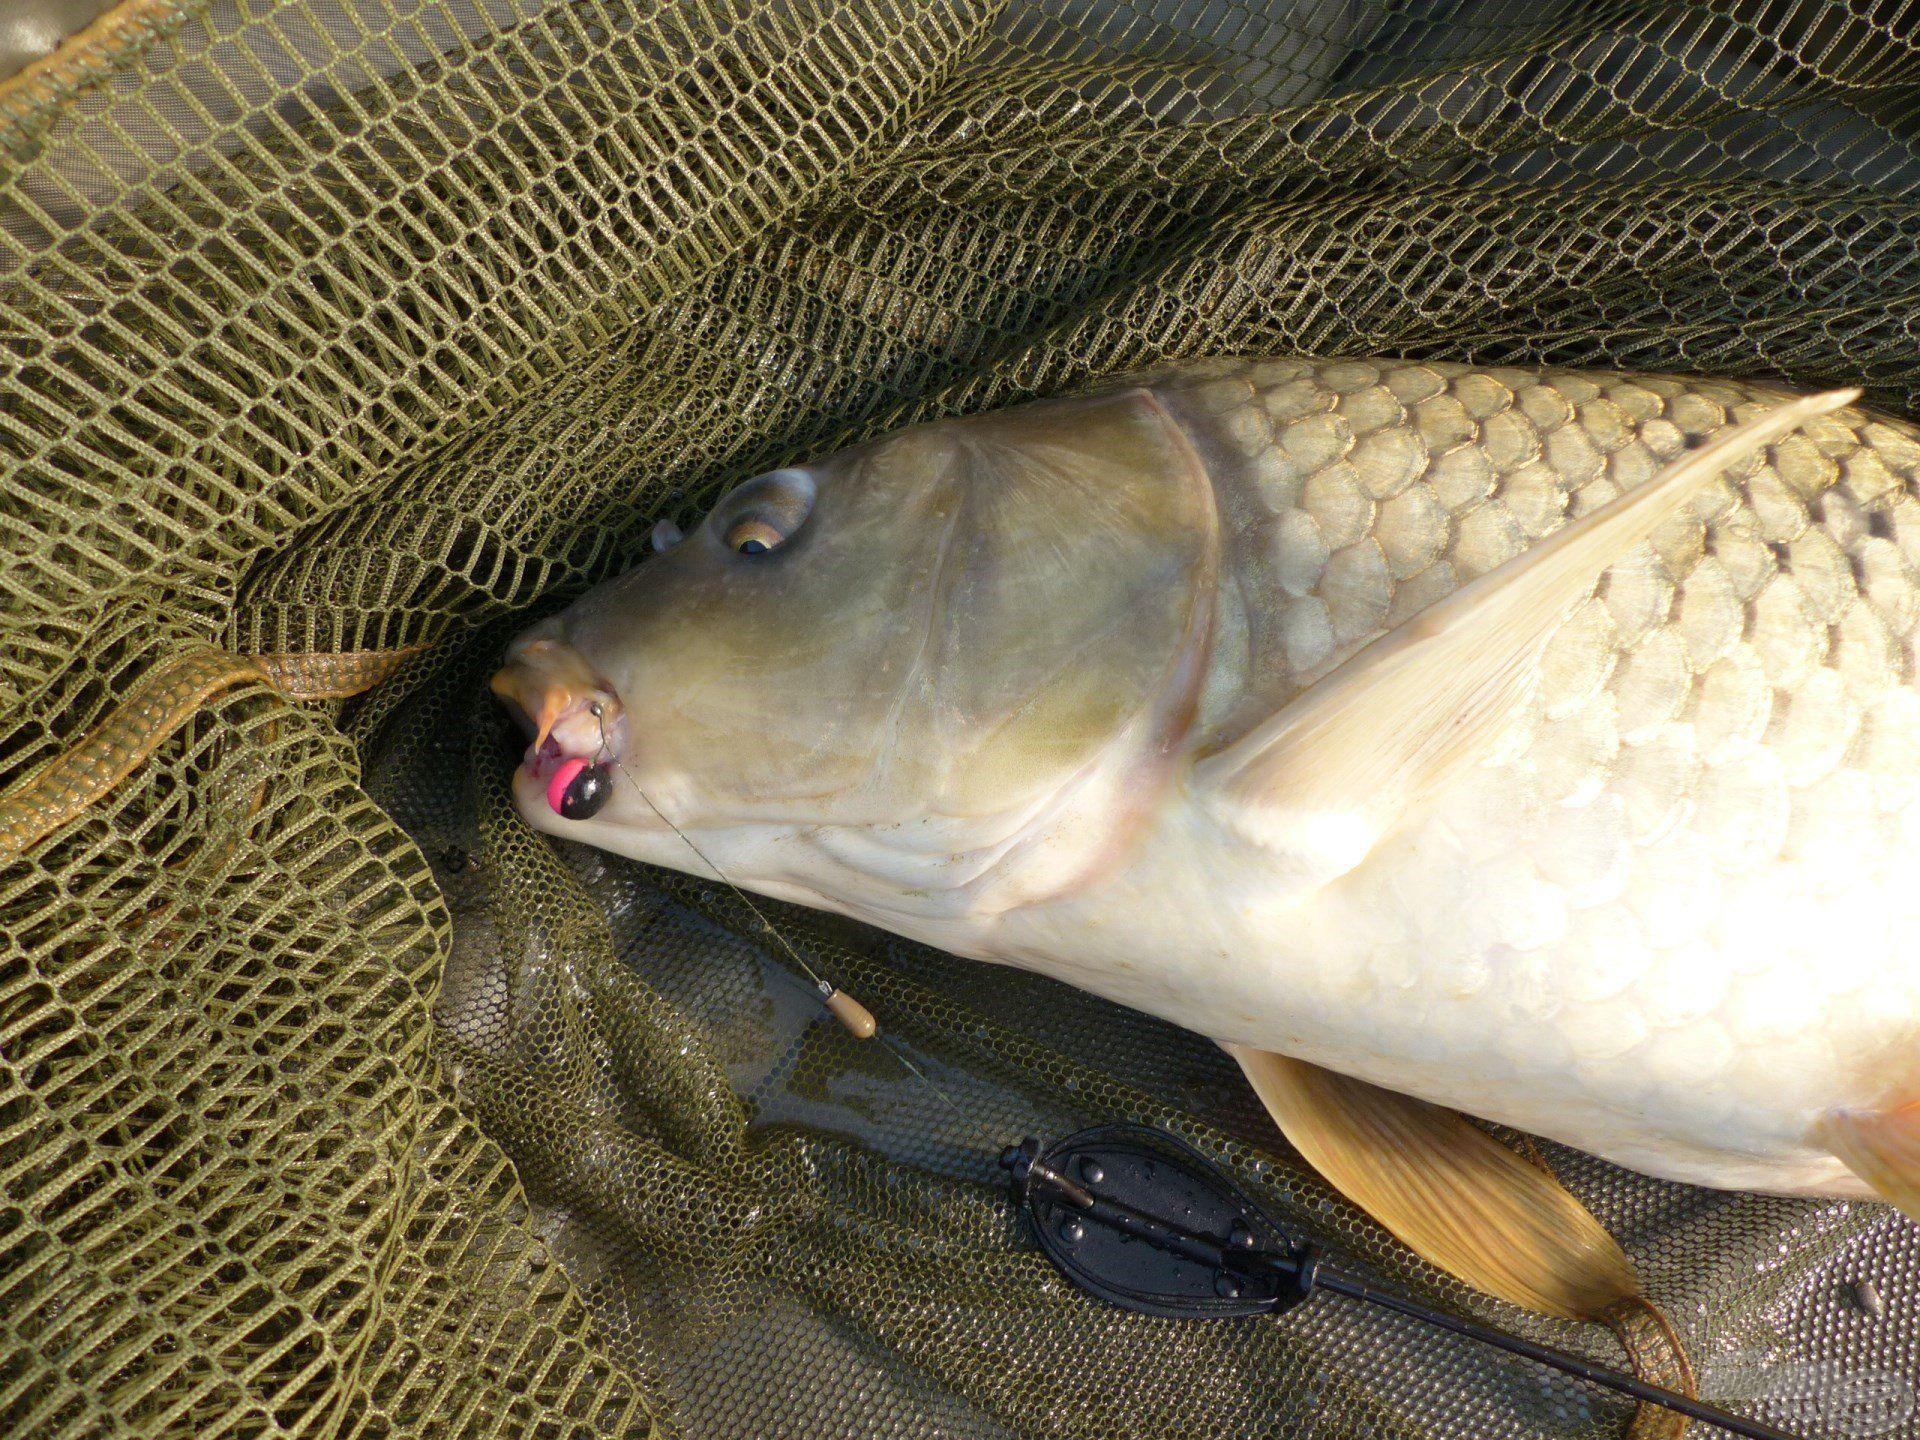 … a leggyakrabban a BlendeX Pop Up Method bojlik valamelyike virított halaim szájában